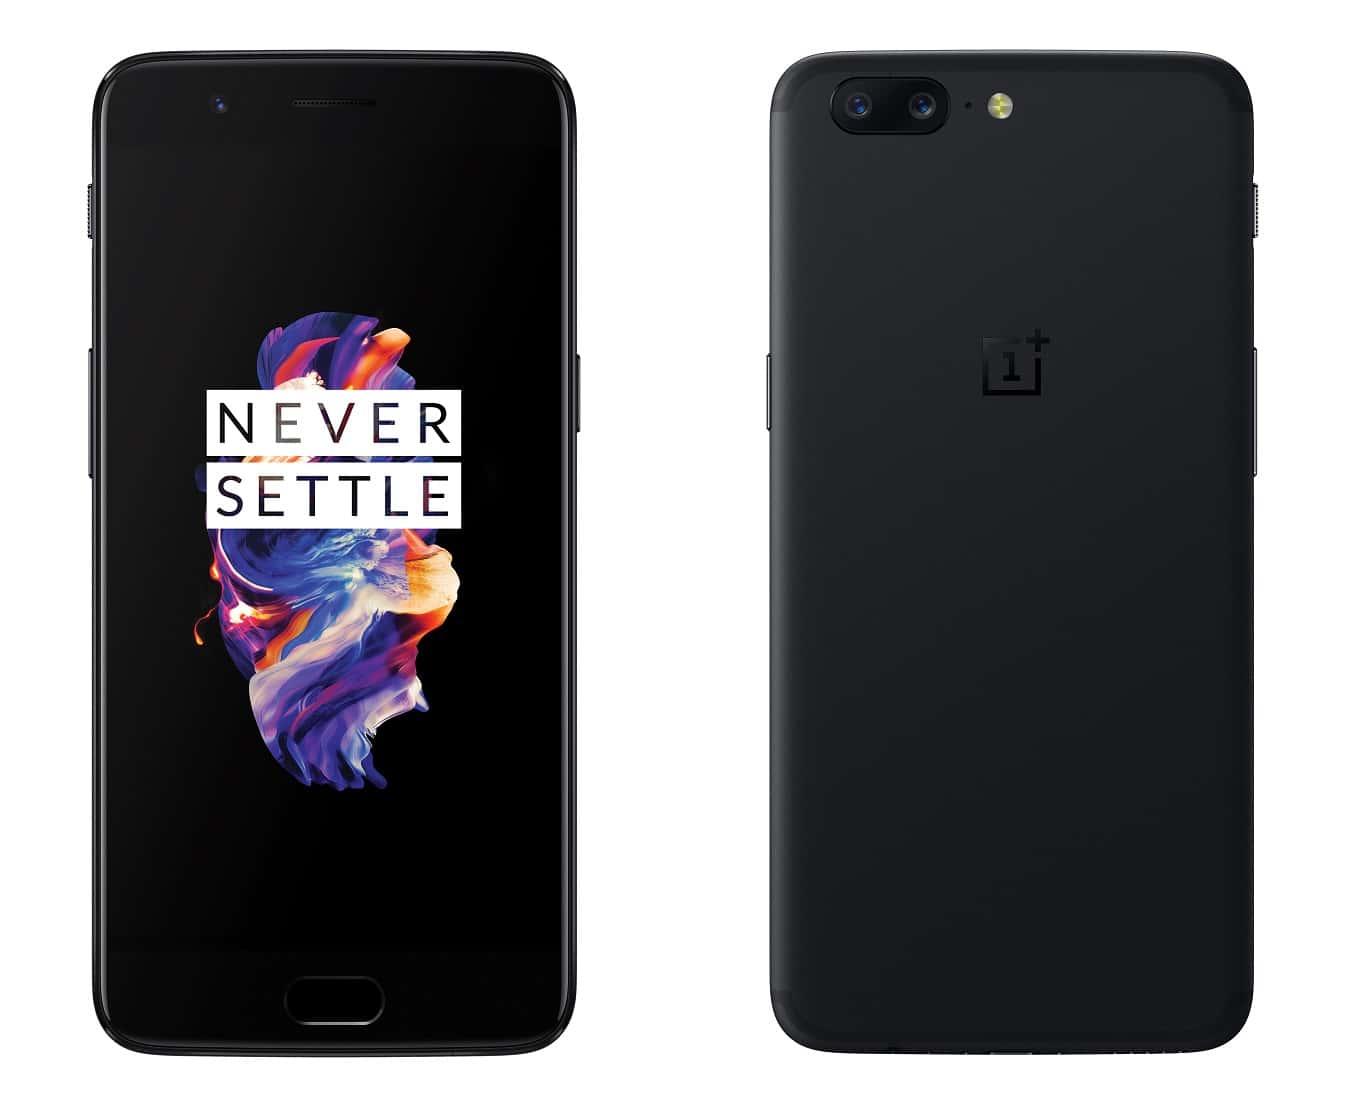 OnePlus 5 Main Black